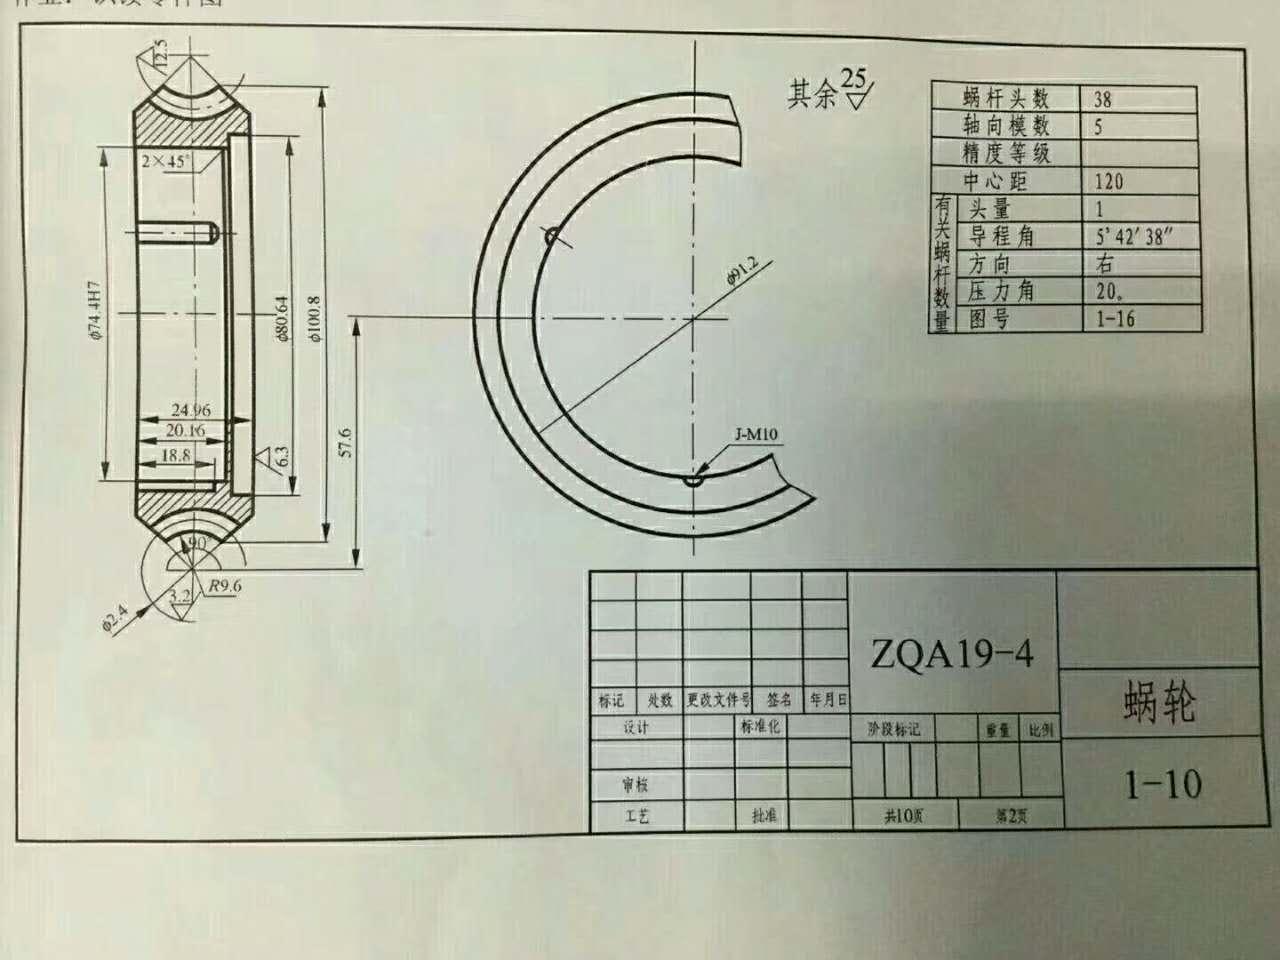 溧阳学CAD机械制图,溧阳机械设计培训